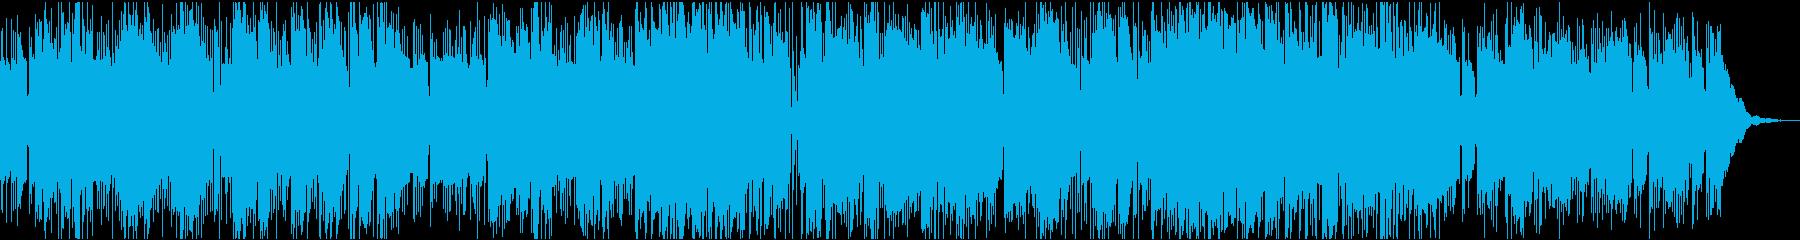 英詞アルペジオに埋もれたいブリットポップの再生済みの波形